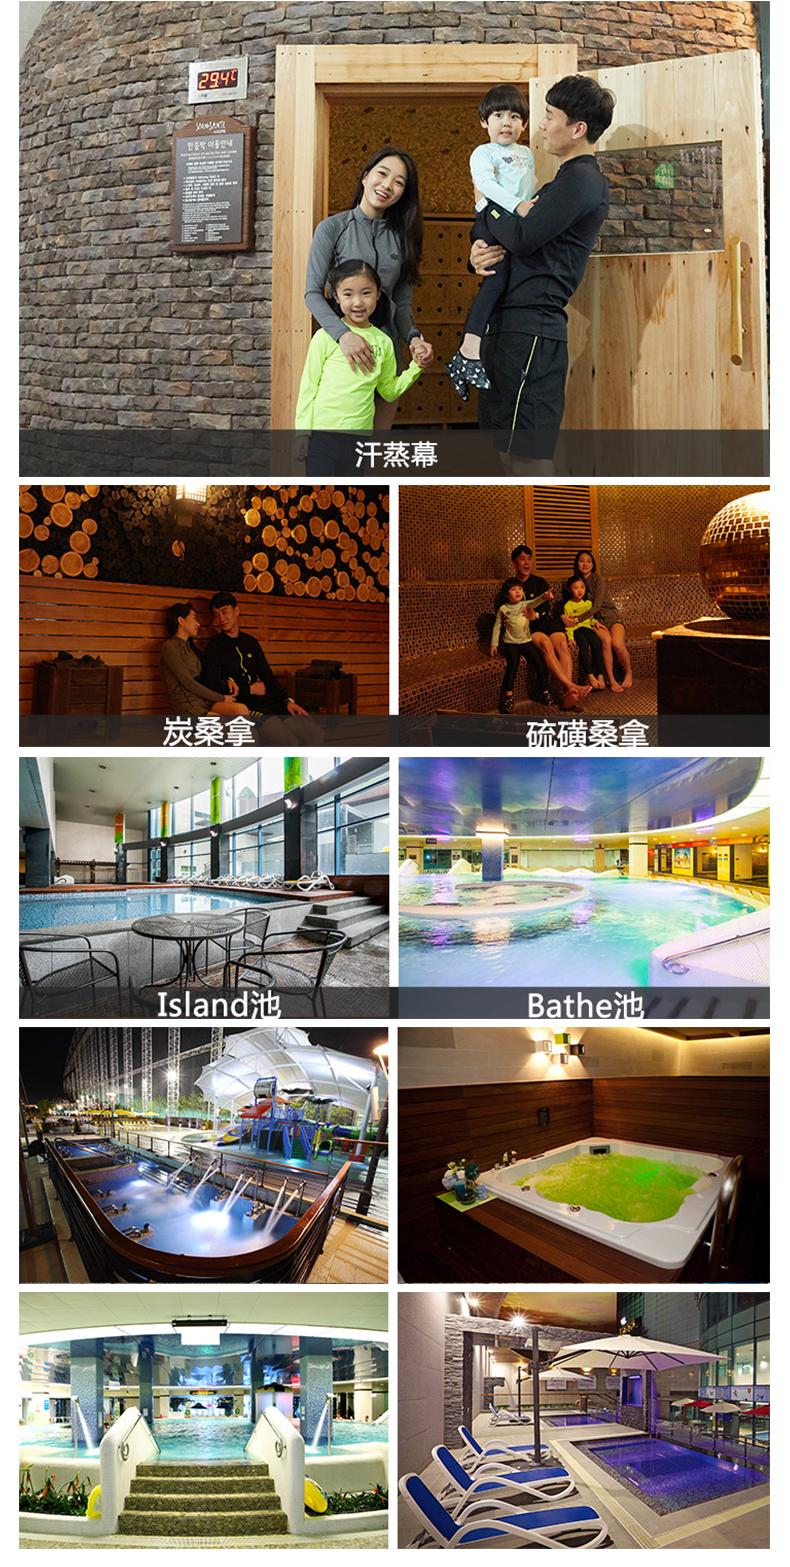 京畿道熊津蒲蕾樂園娛樂城-詳情頁繁體_09.jpg